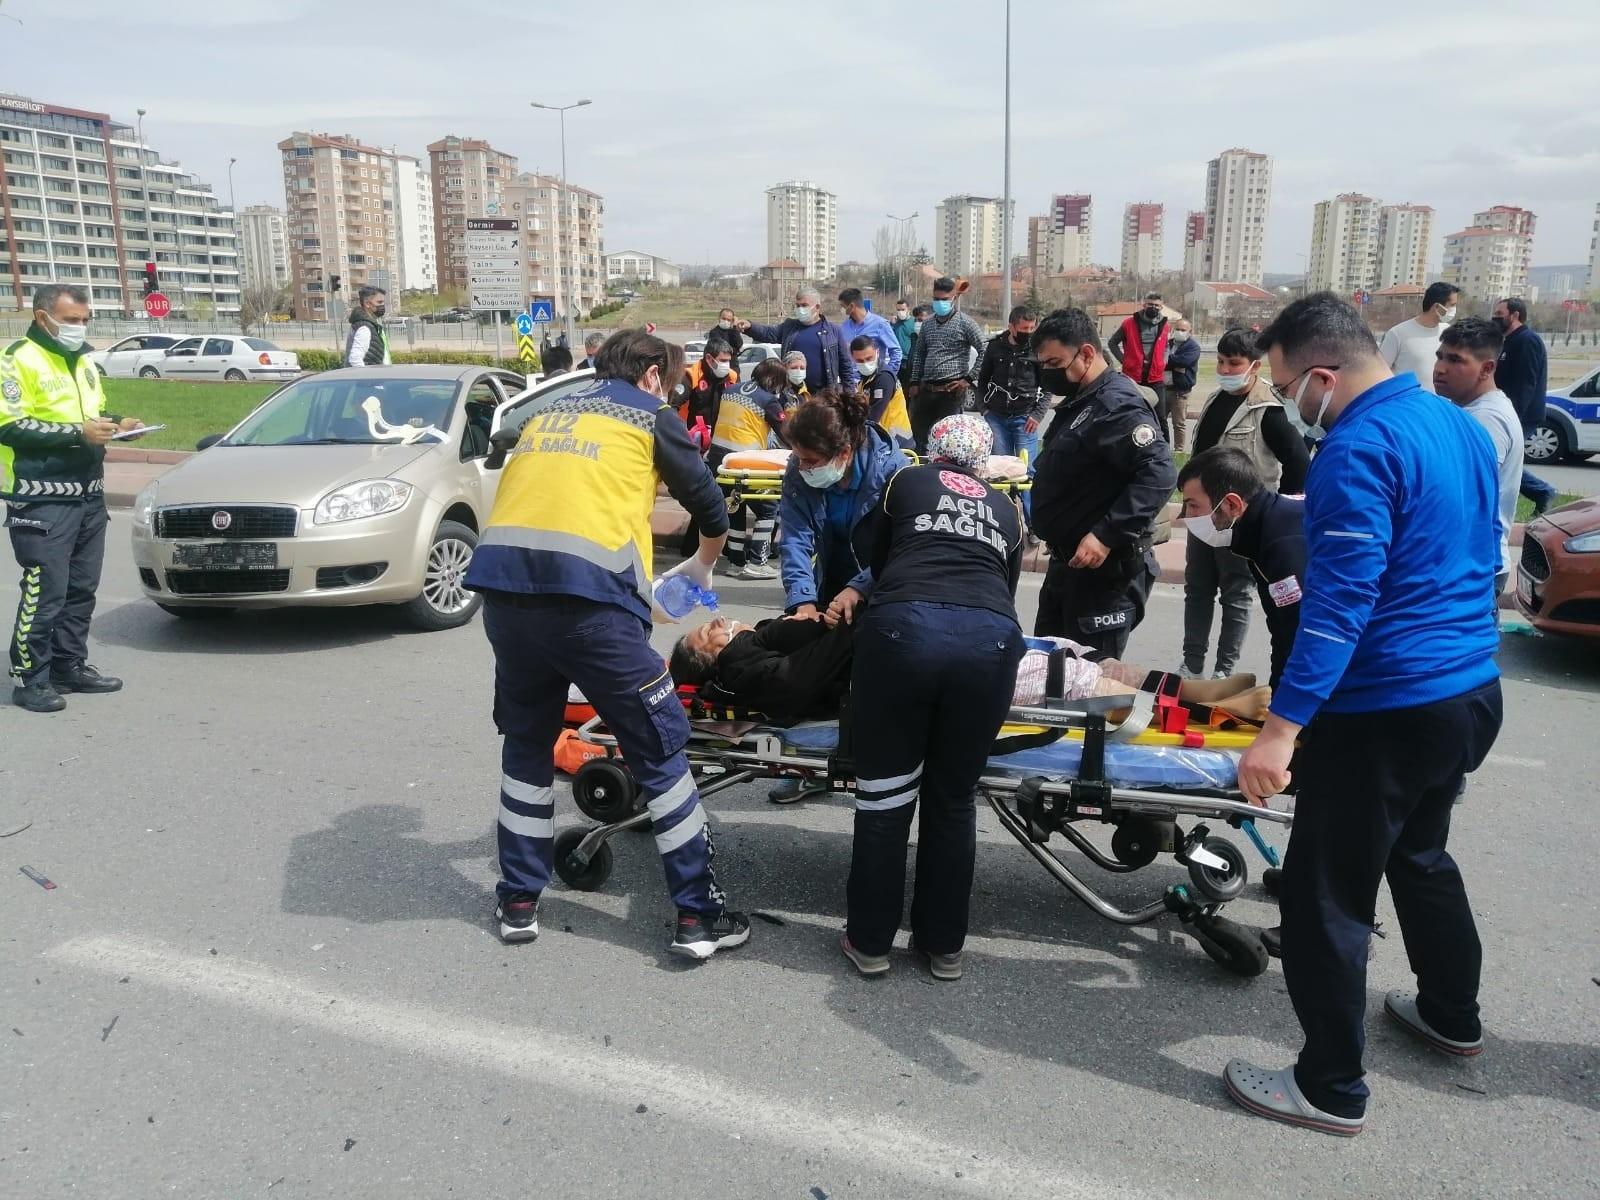 İki araç çarpıştı, yol can pazarına döndü: 1'i ağır 5 yaralı